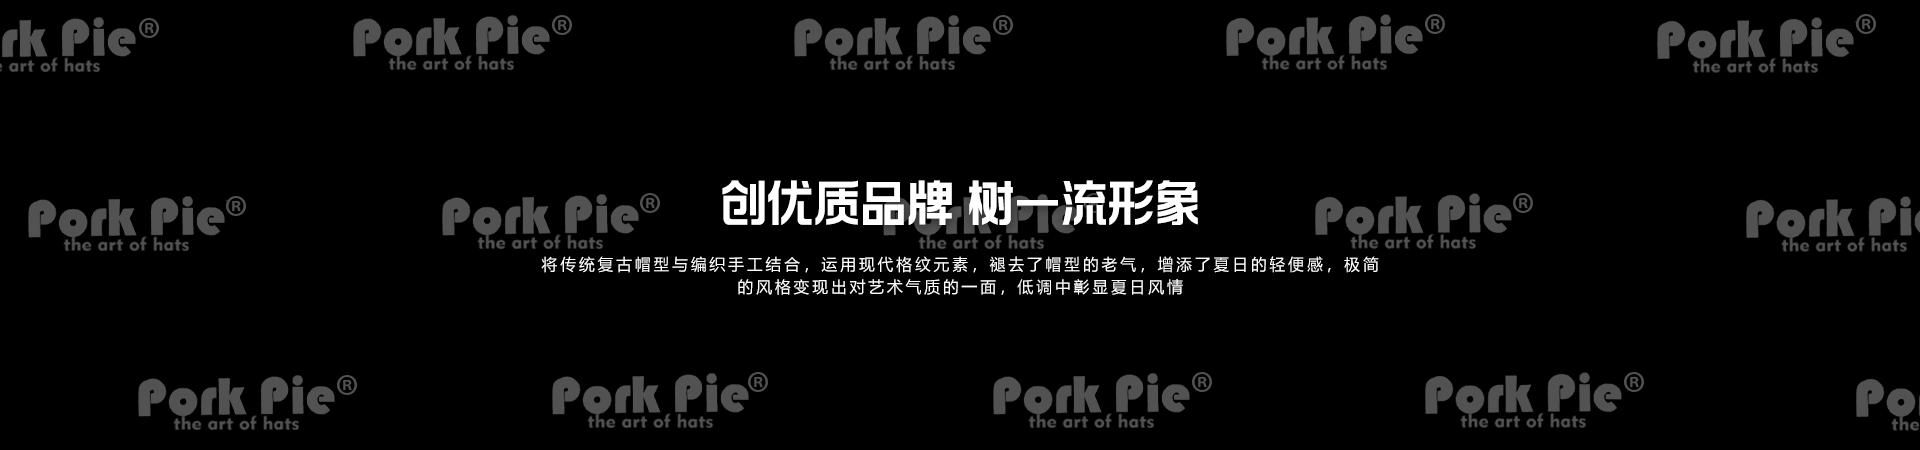 http://www.jyghat.com/data/upload/202010/20201026143114_756.png